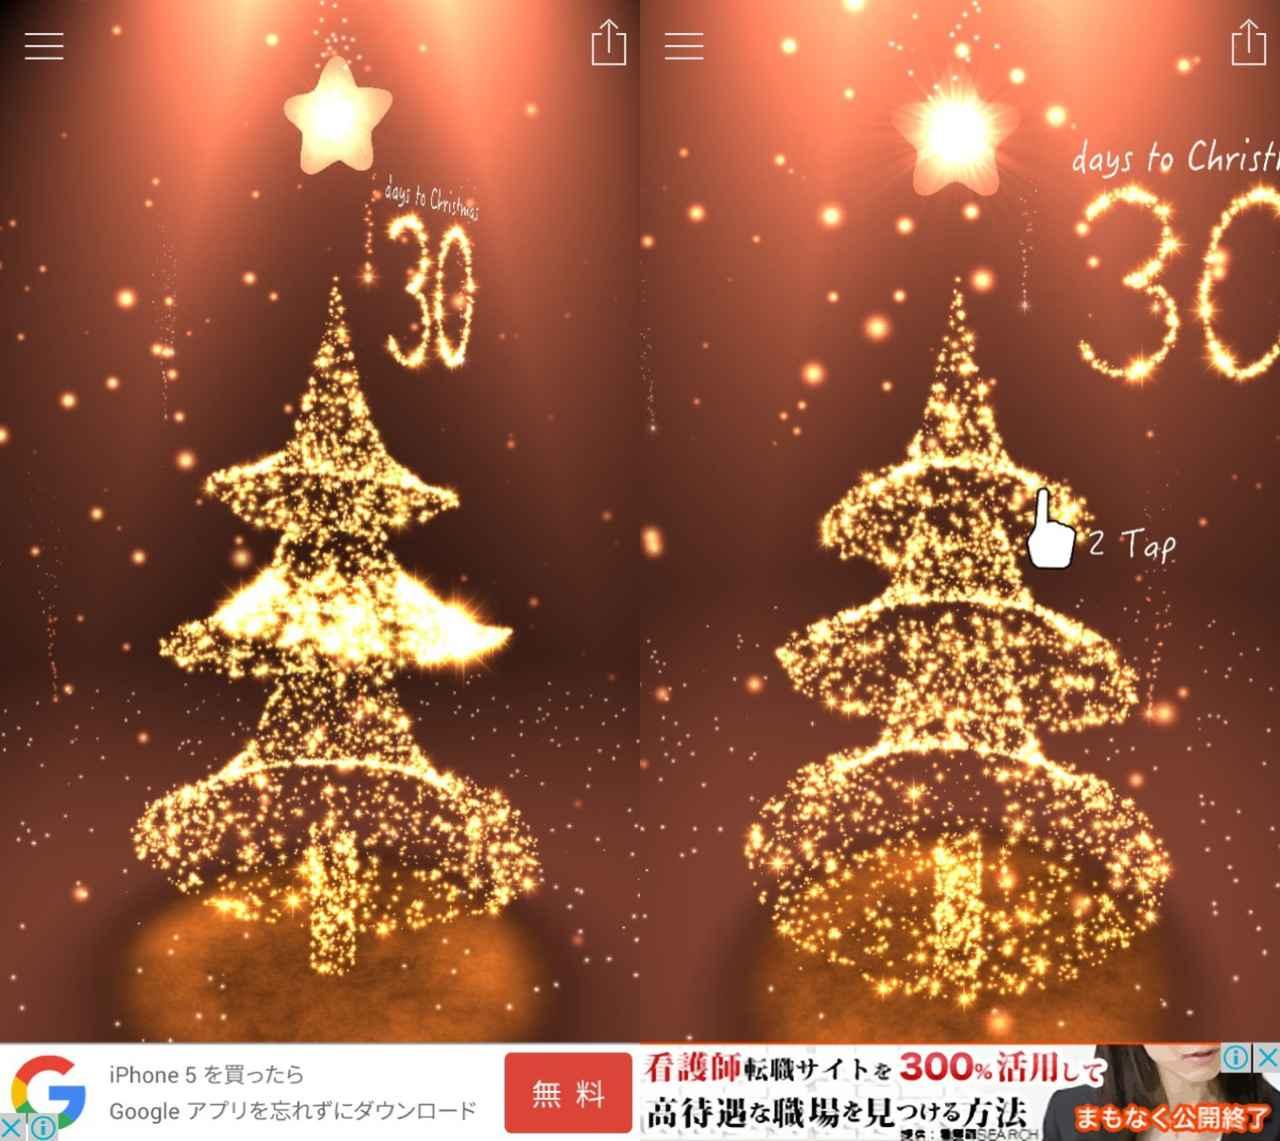 画像3: 3Dでキラキラのクリスマスツリーを表現!